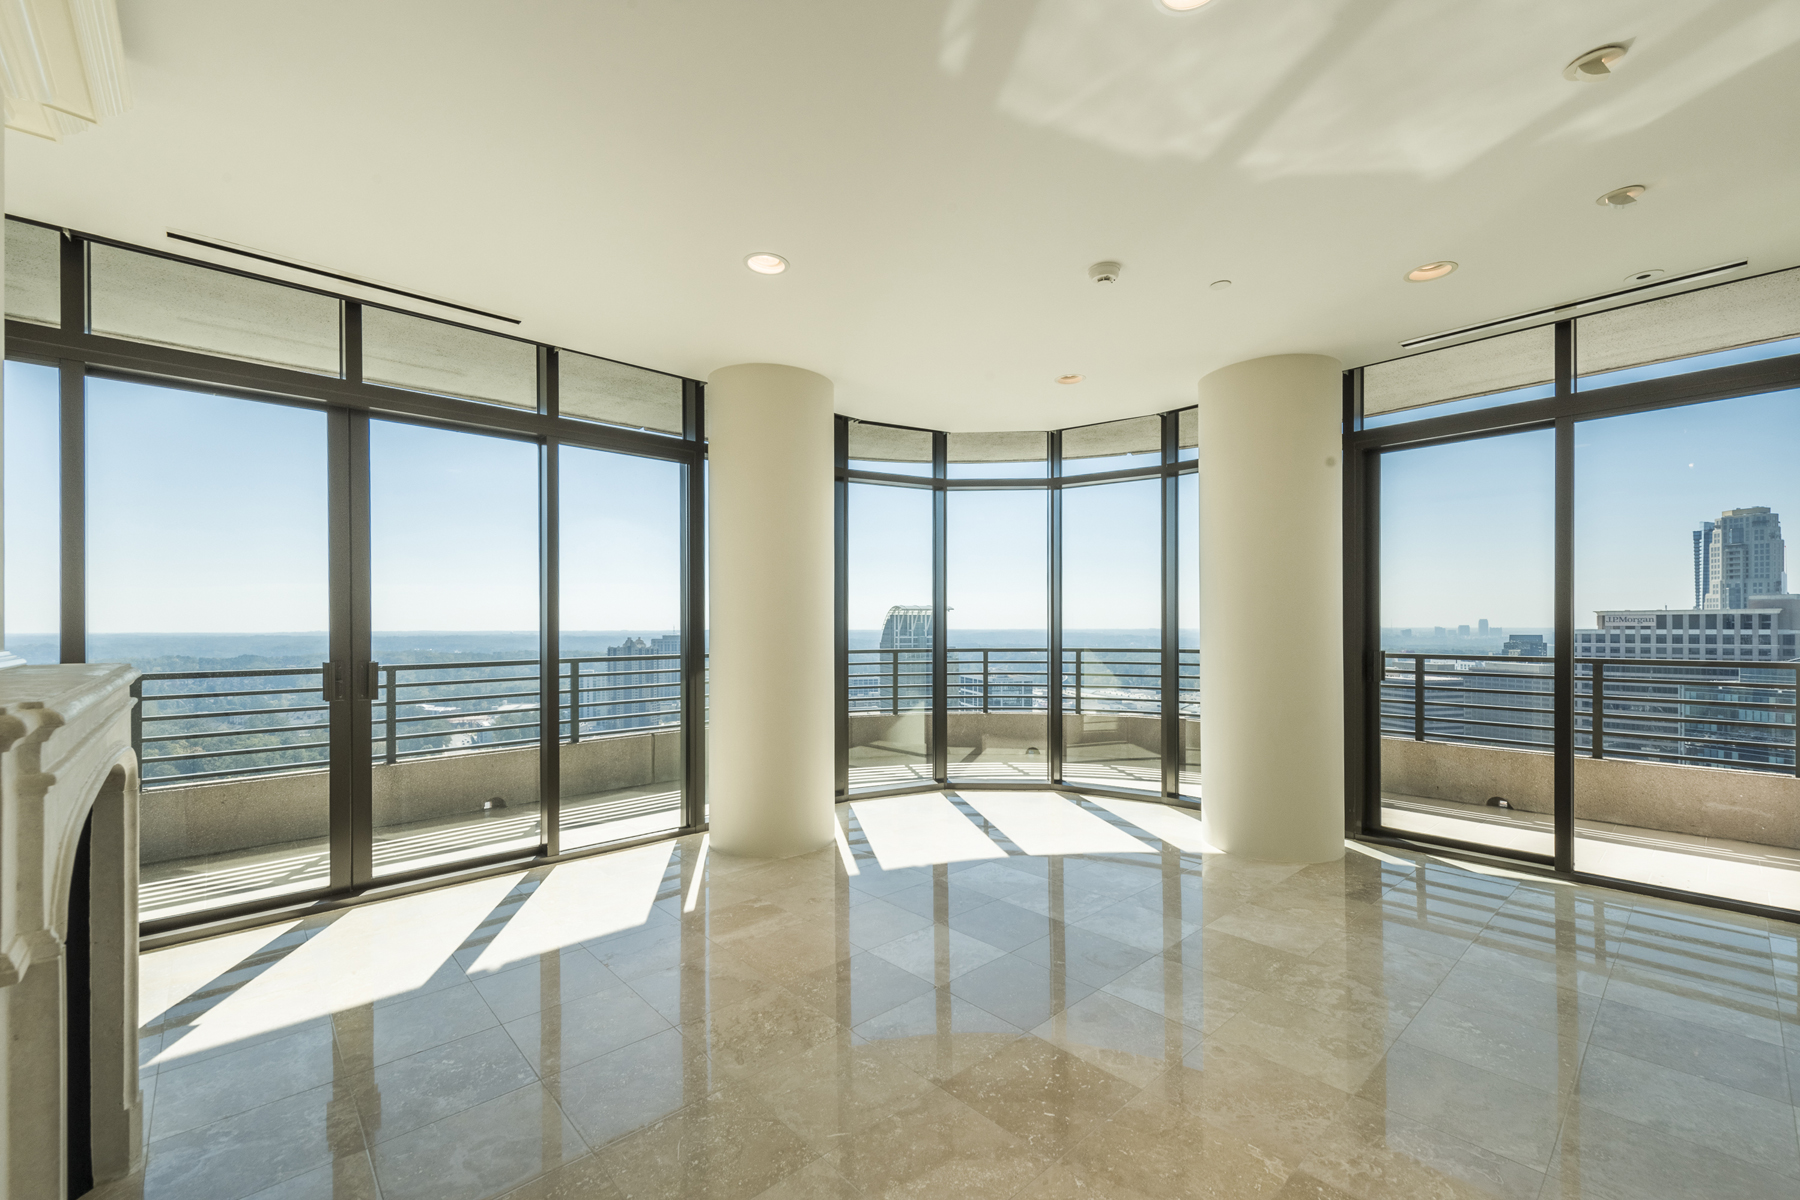 Eigentumswohnung für Verkauf beim Stunning Complete Renovation 750 Park Avenue NE Unit 32se Atlanta, Georgia, 30326 Vereinigte Staaten